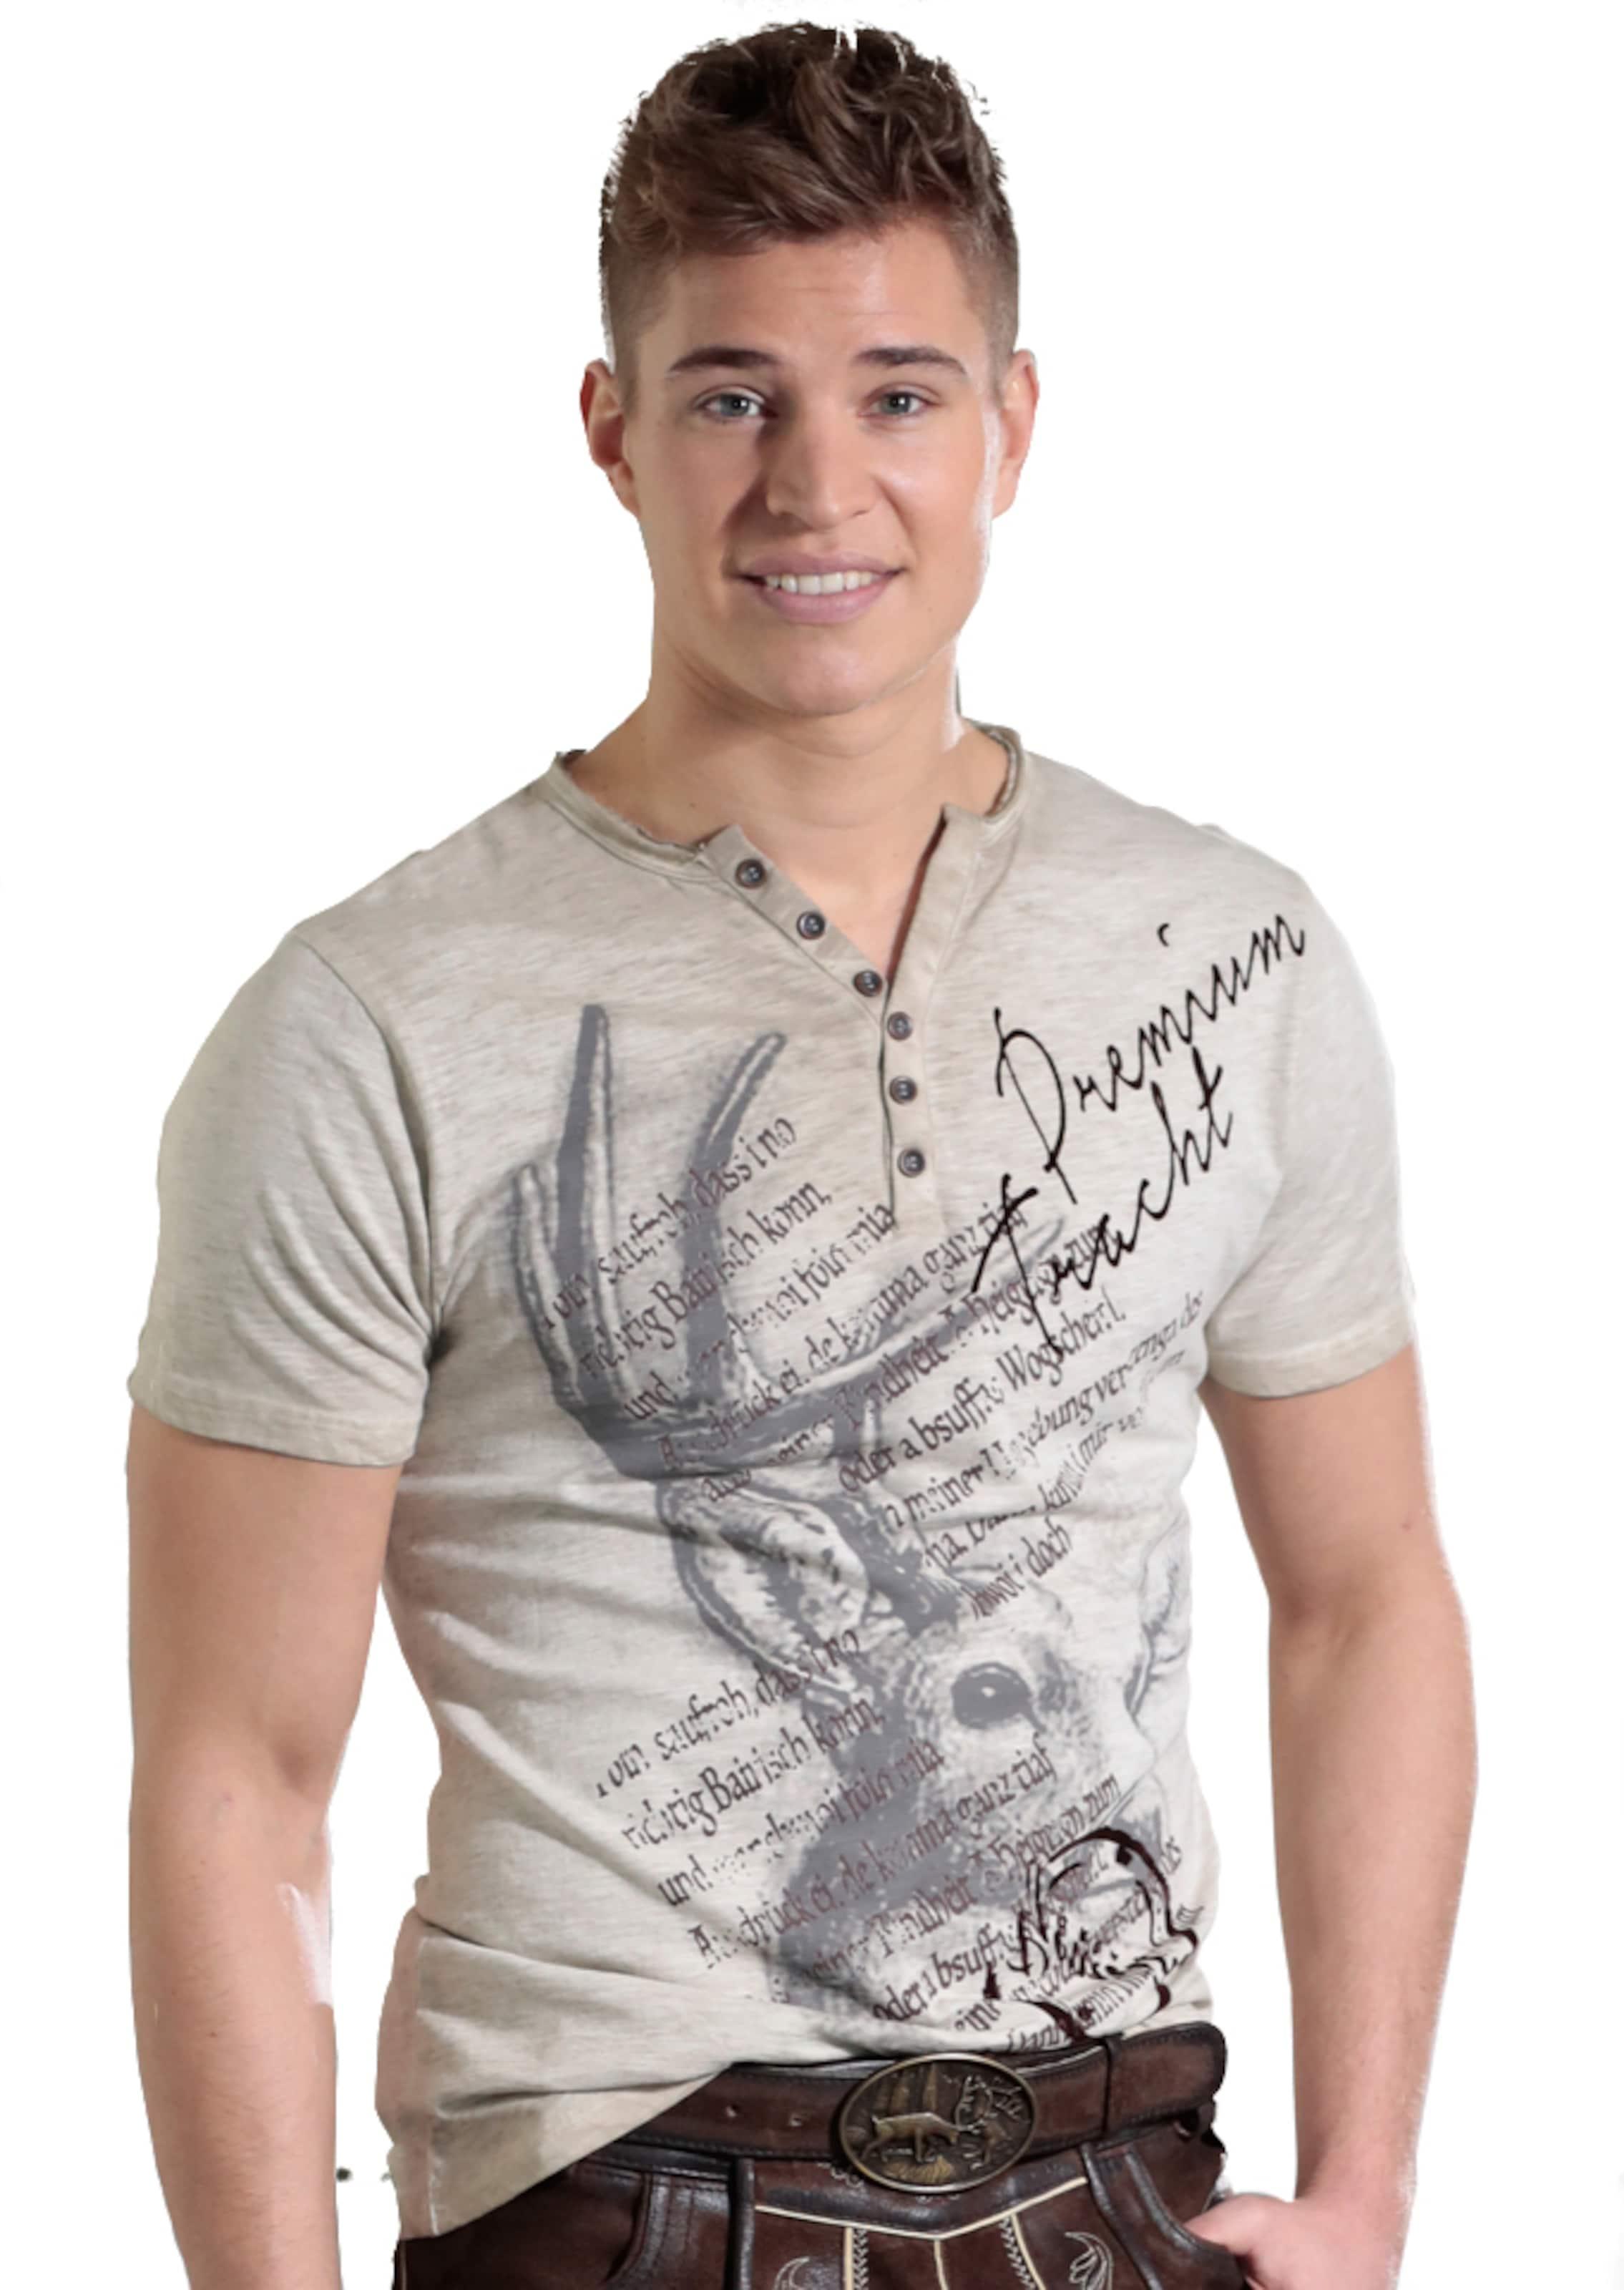 MARJO Trachtenshirt mit Trachtenshirt mit Herren Herren Printdetails Printdetails MARJO MARJO Herren Trachtenshirt mit MARJO Printdetails YOvPxwqEP